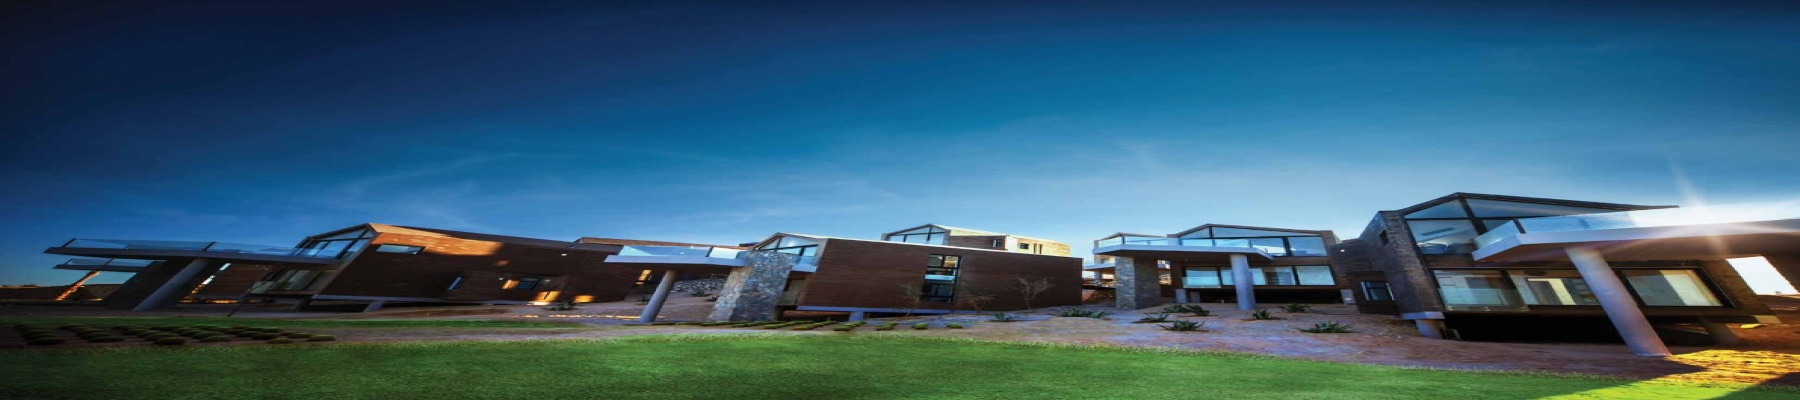 Lodges Villas in Wadi Jebal Soma Bay For Sale